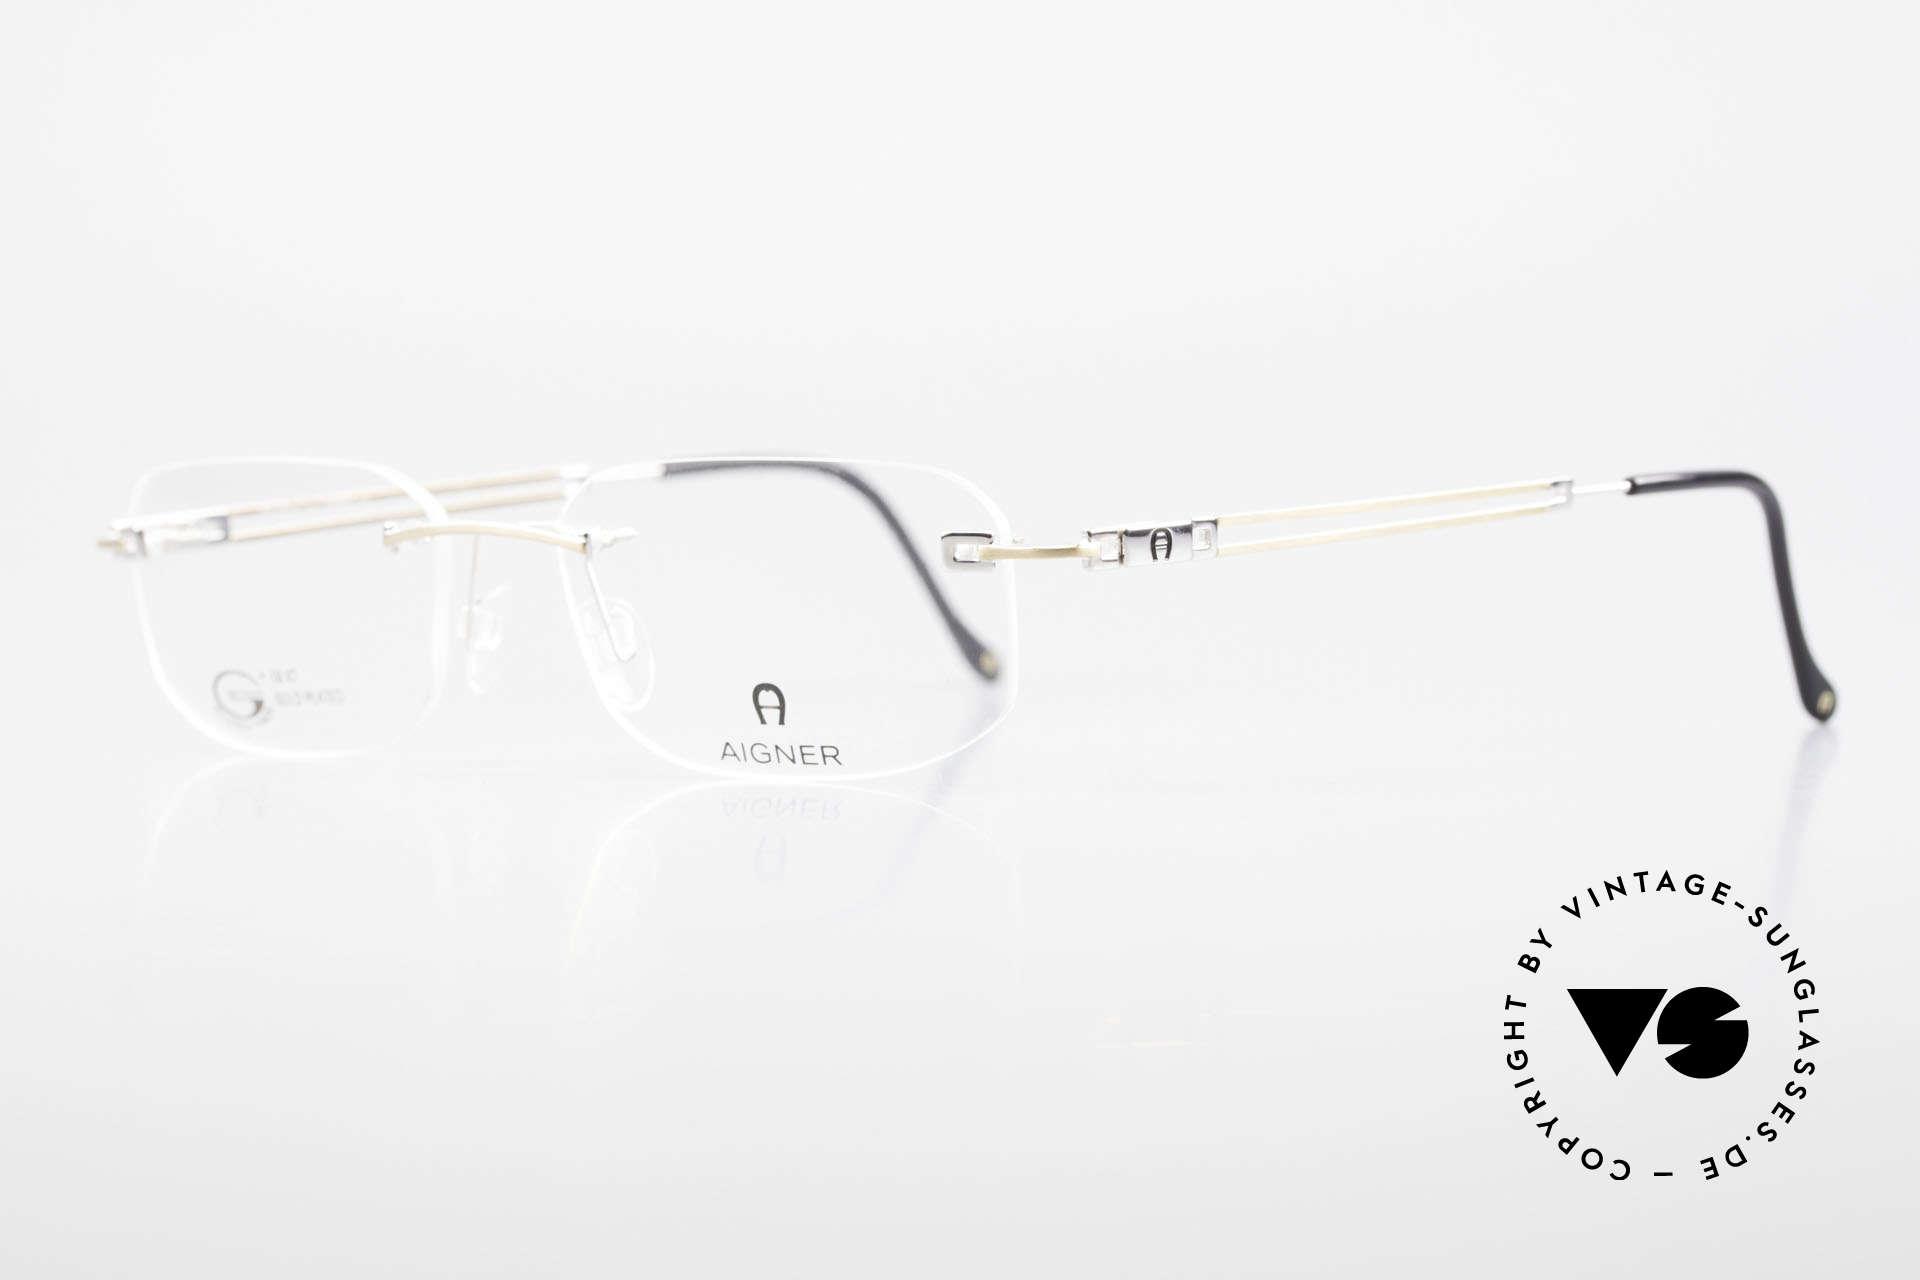 Aigner EA113 Vintage 90er Randlosbrille, Unisex Markenbrille, wirklich made in Germany Qualität, Passend für Herren und Damen